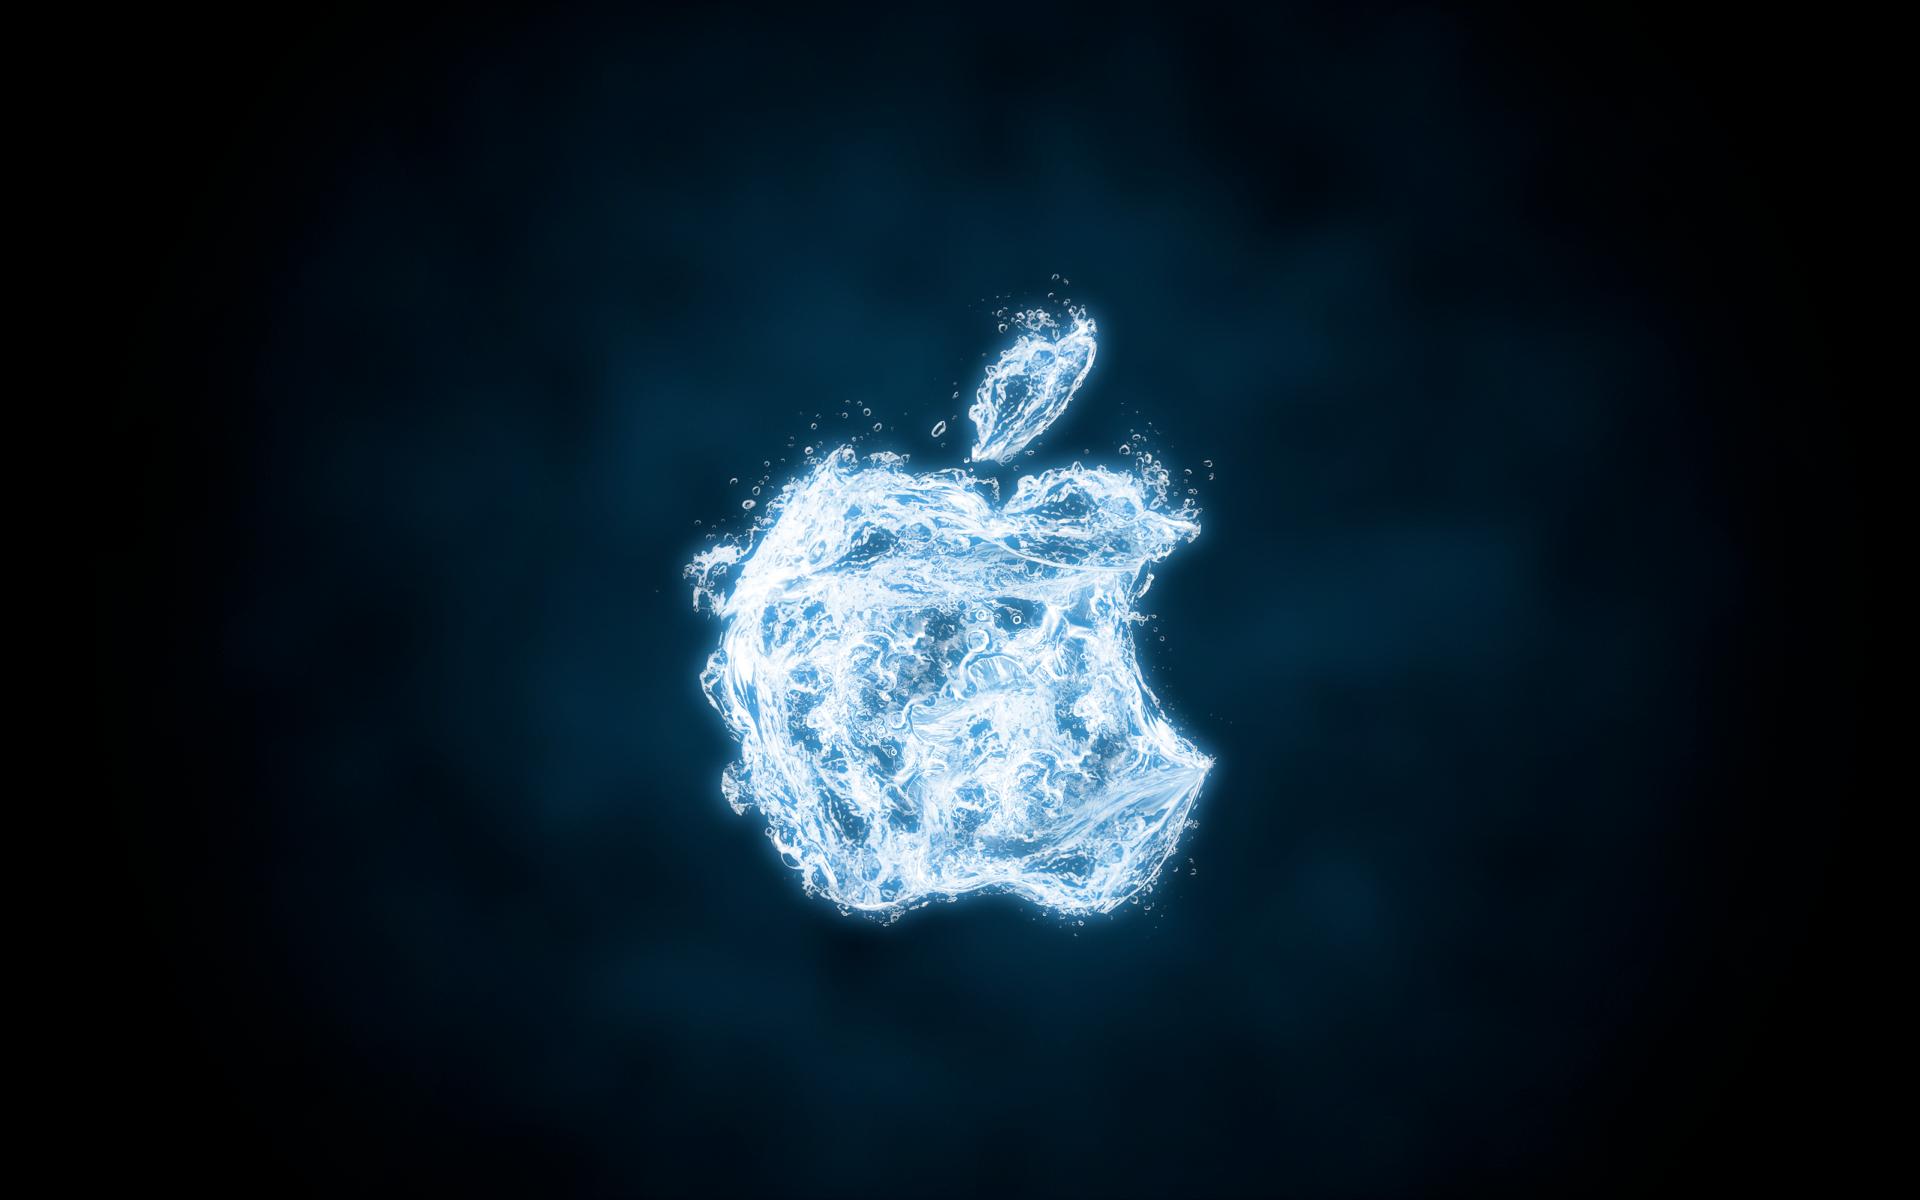 apple water wallpaper95niltar on deviantart